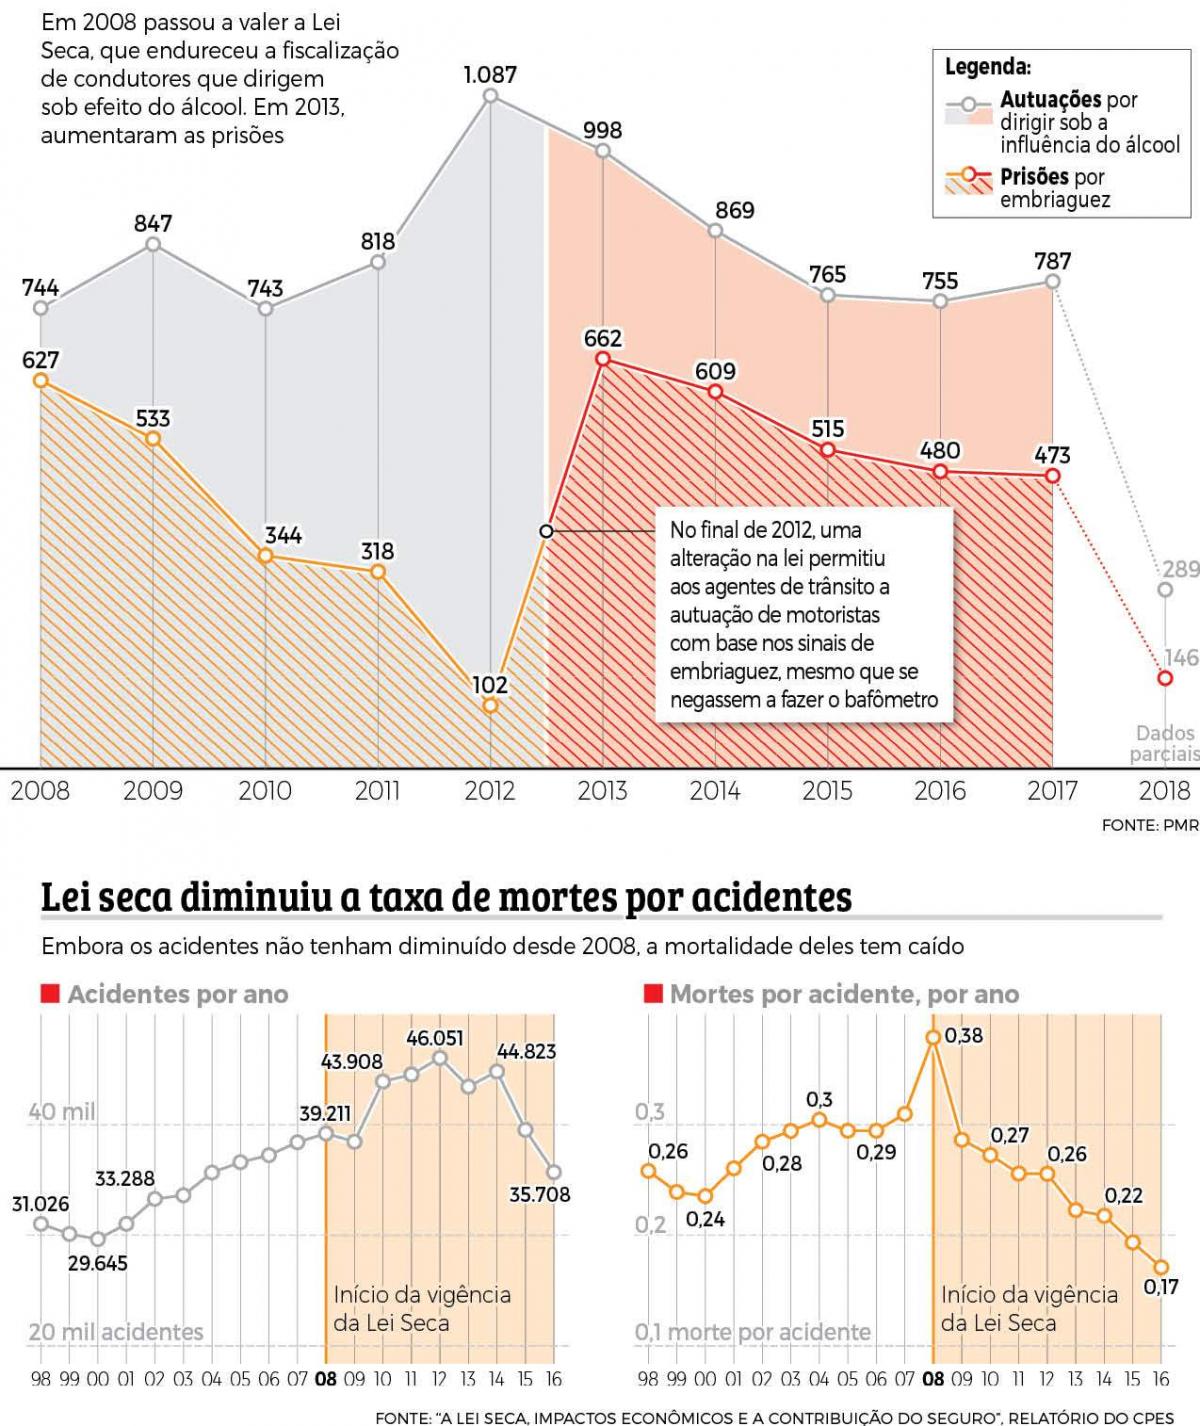 Prisões e autuações nas rodovias estaduais de SC - Infografia: Rogério Moreira Jr./ND